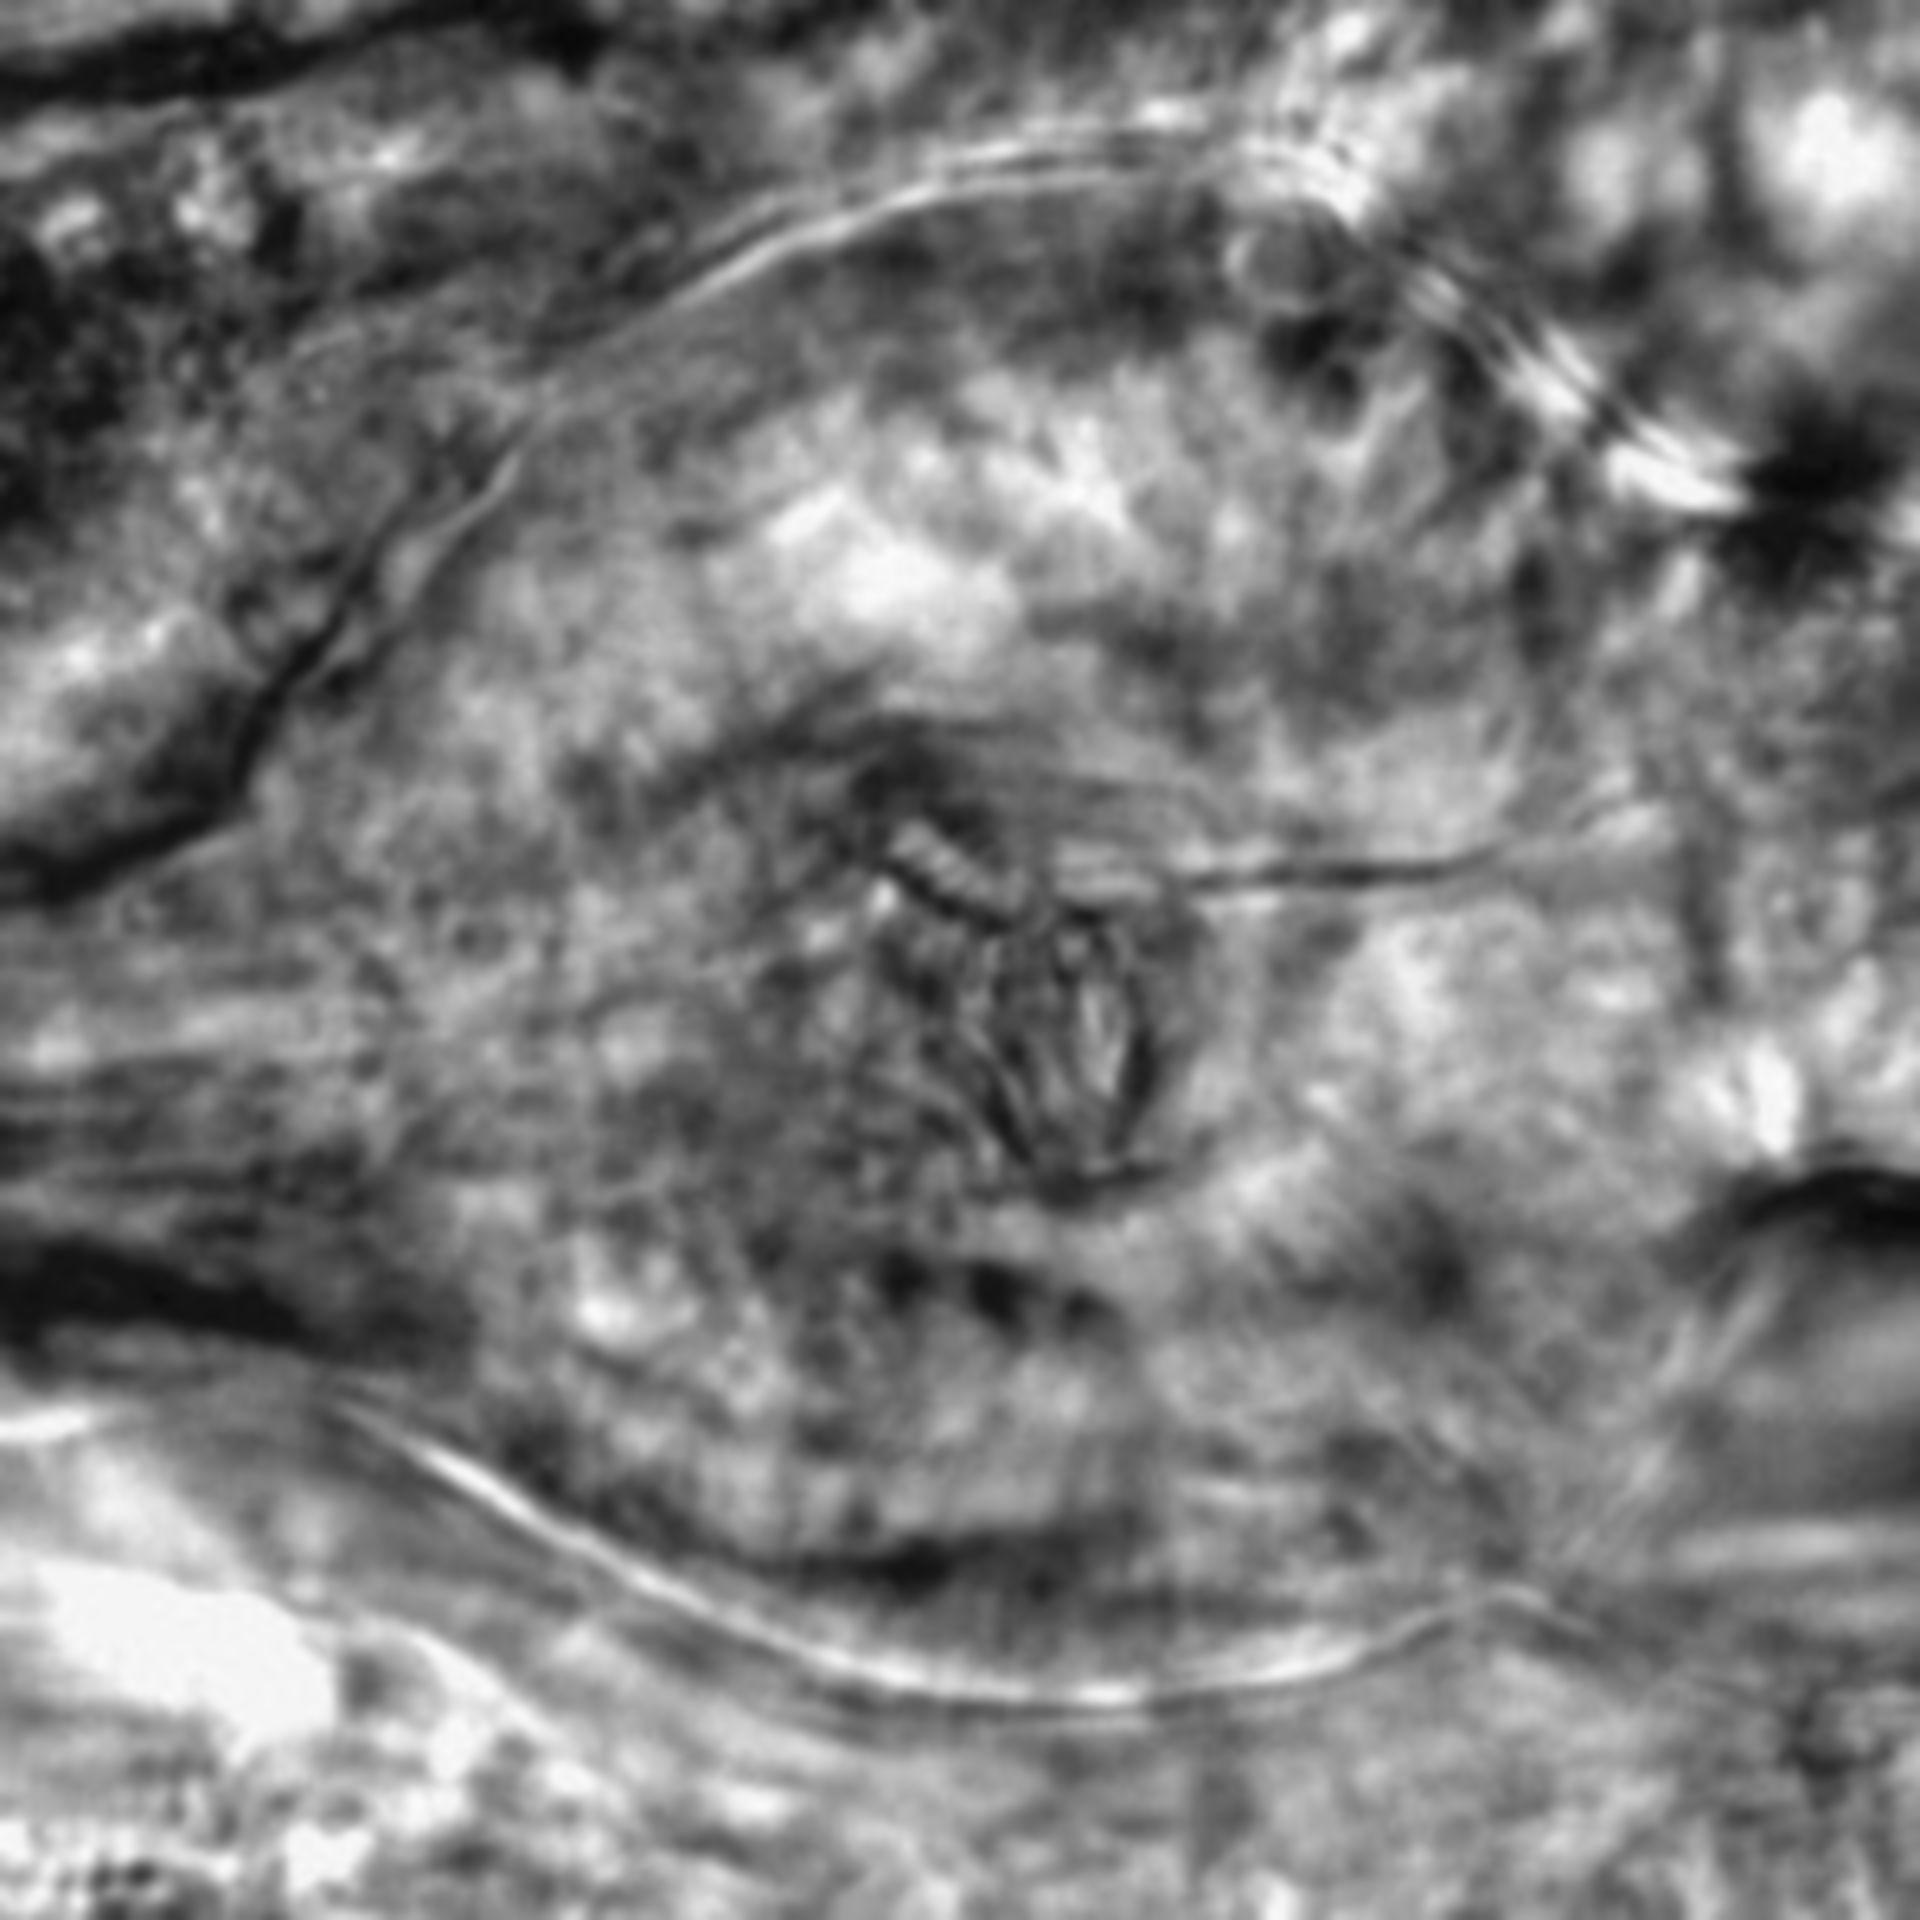 Caenorhabditis elegans - CIL:2837